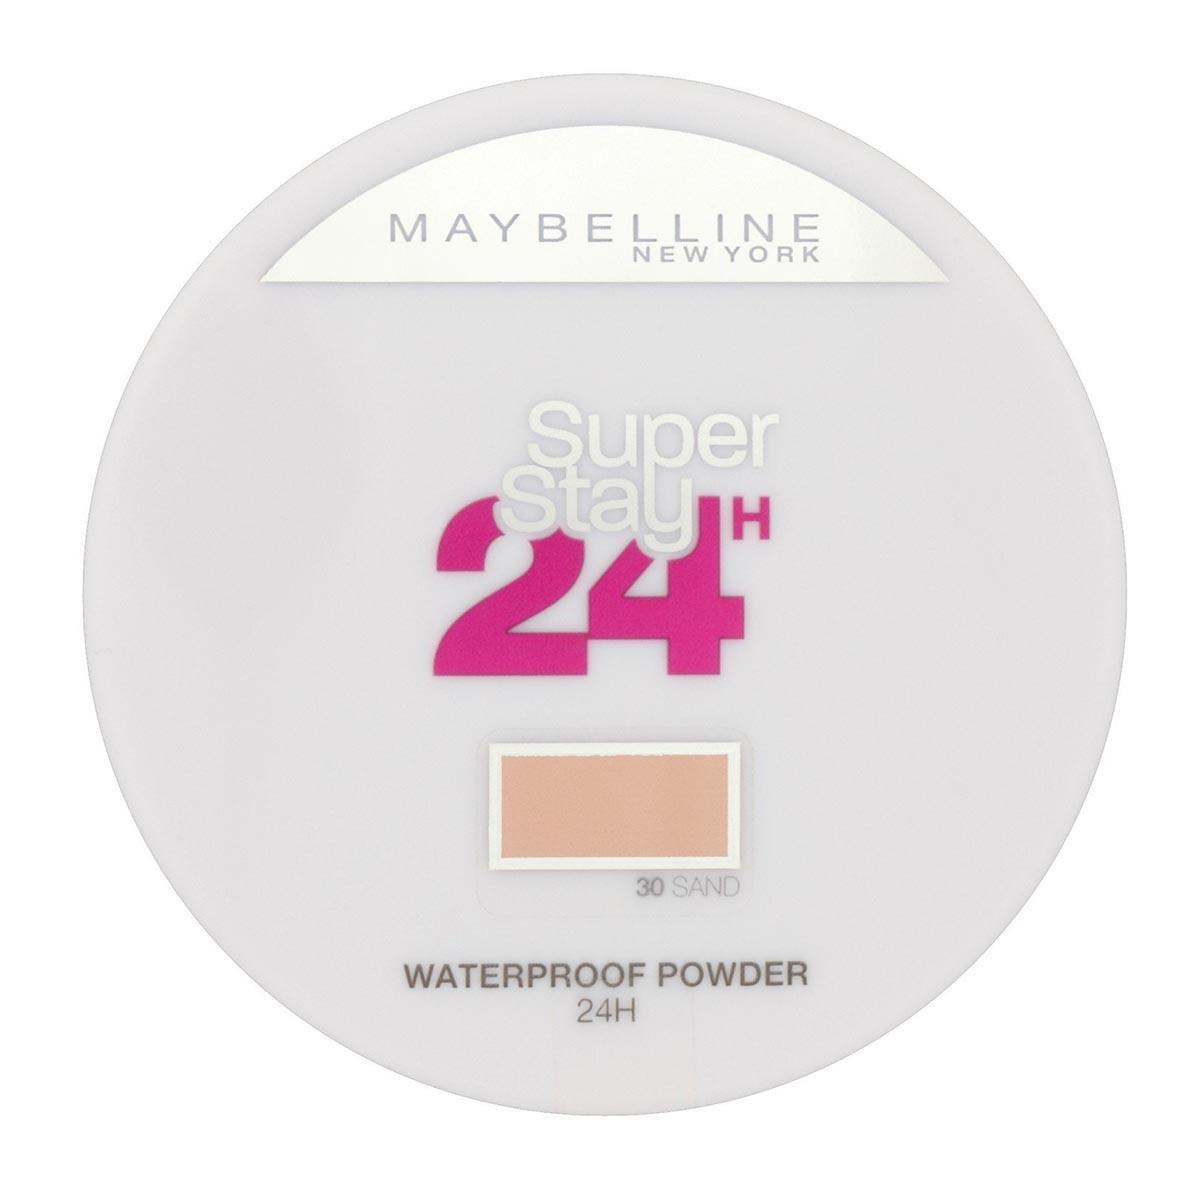 Maybelline Fragrances Super Super Super Stay 24h Waterproof Powder 30 Sand Rose , Visage b60fb1